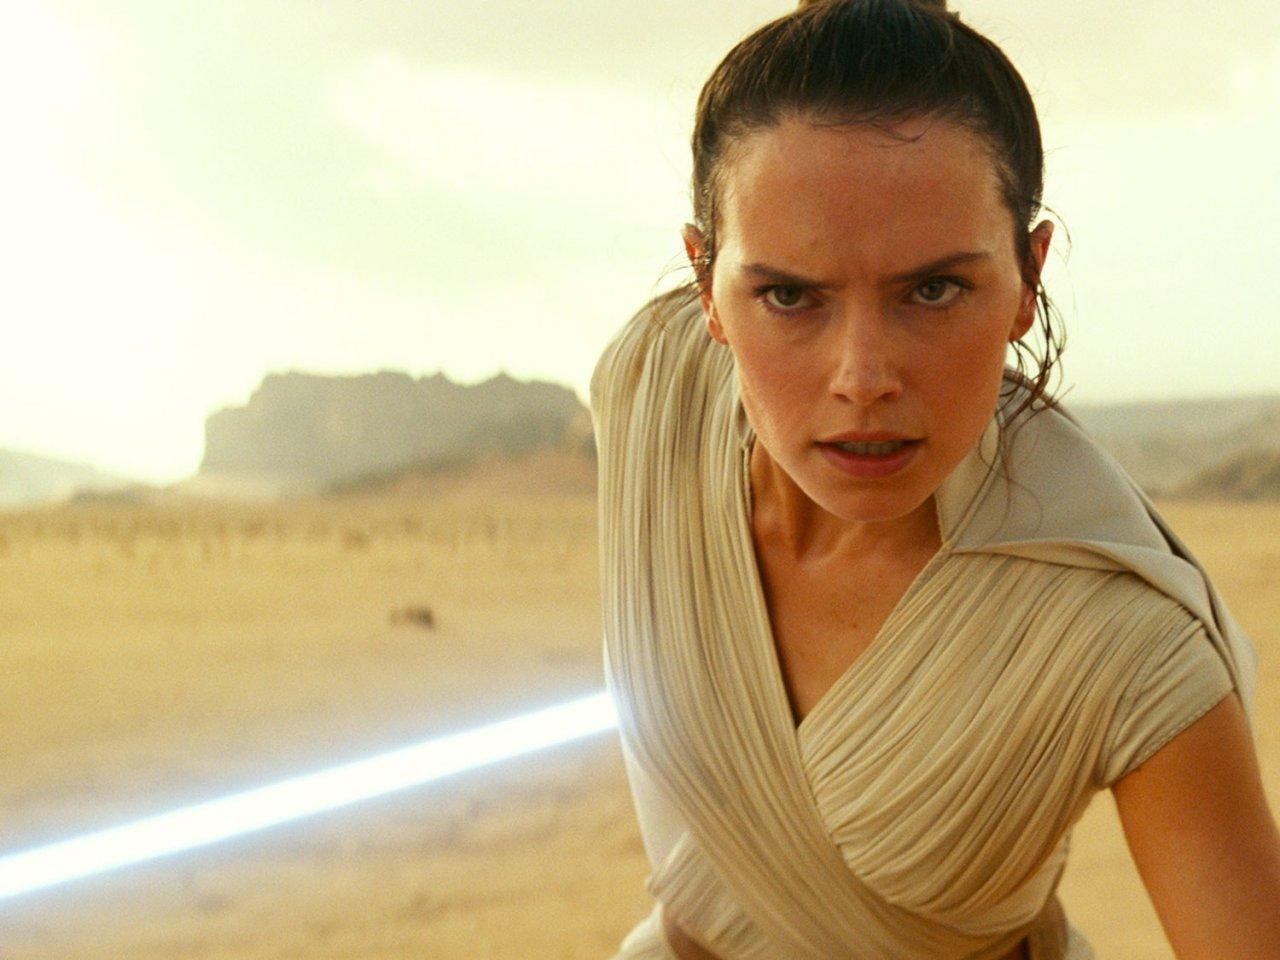 Οι ταινίες της εβδομάδας στις αίθουσες του Φεστιβάλ. Το Star Wars στο Ολύμπιον!